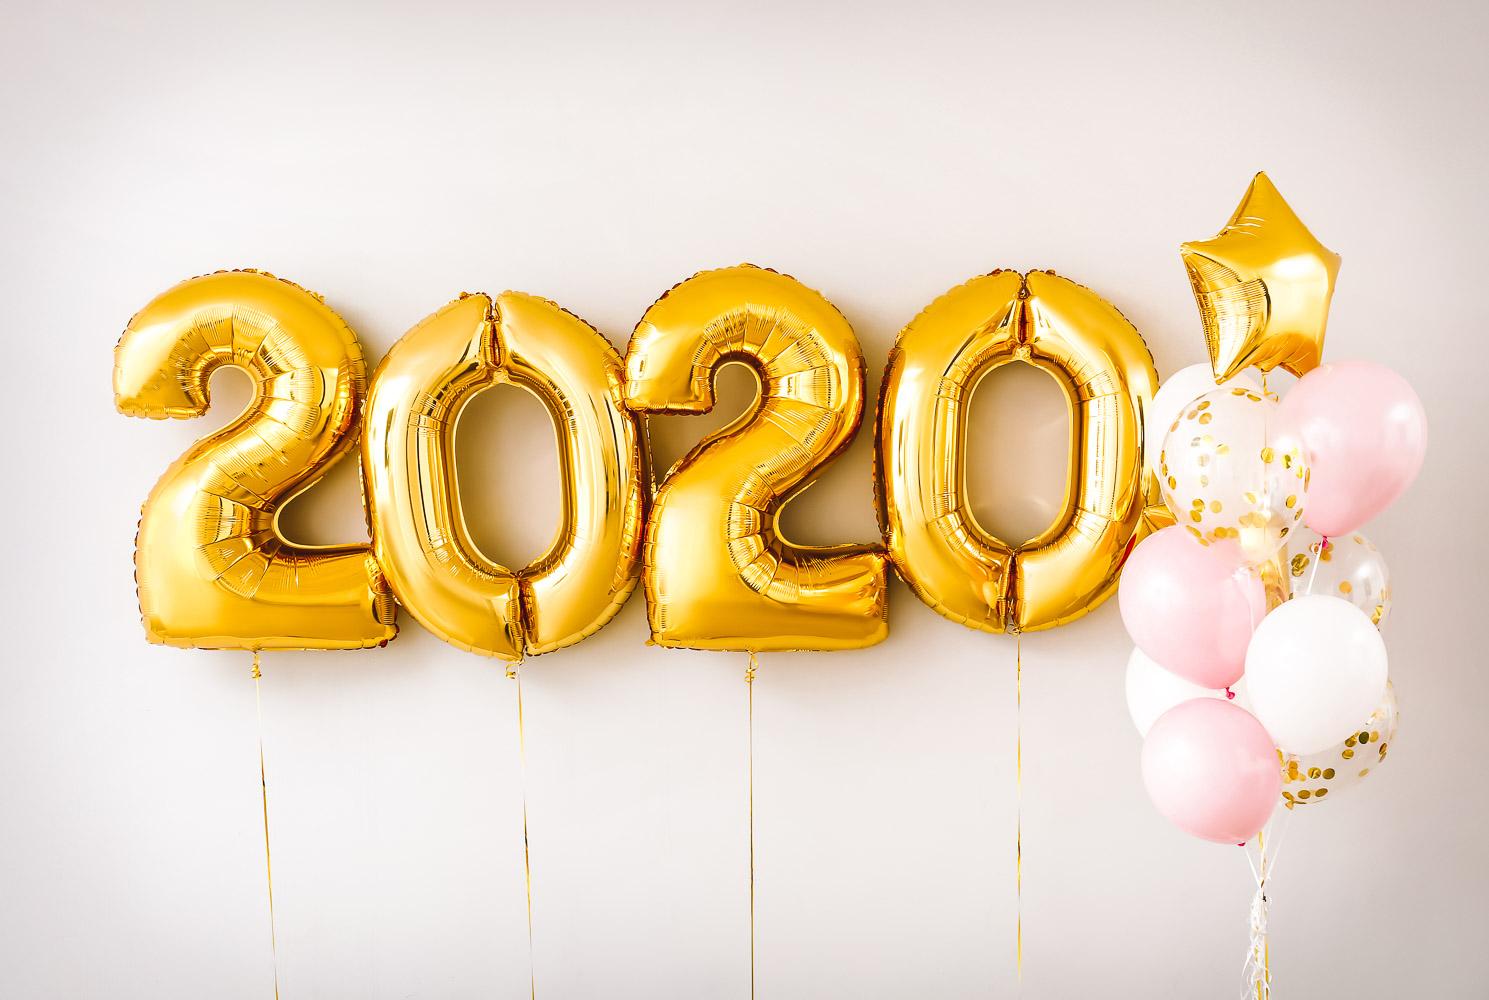 20bis20 10 Kilo langfristig Abnehmen im neuen Jahr |GourmetGuerilla.de-1526047781